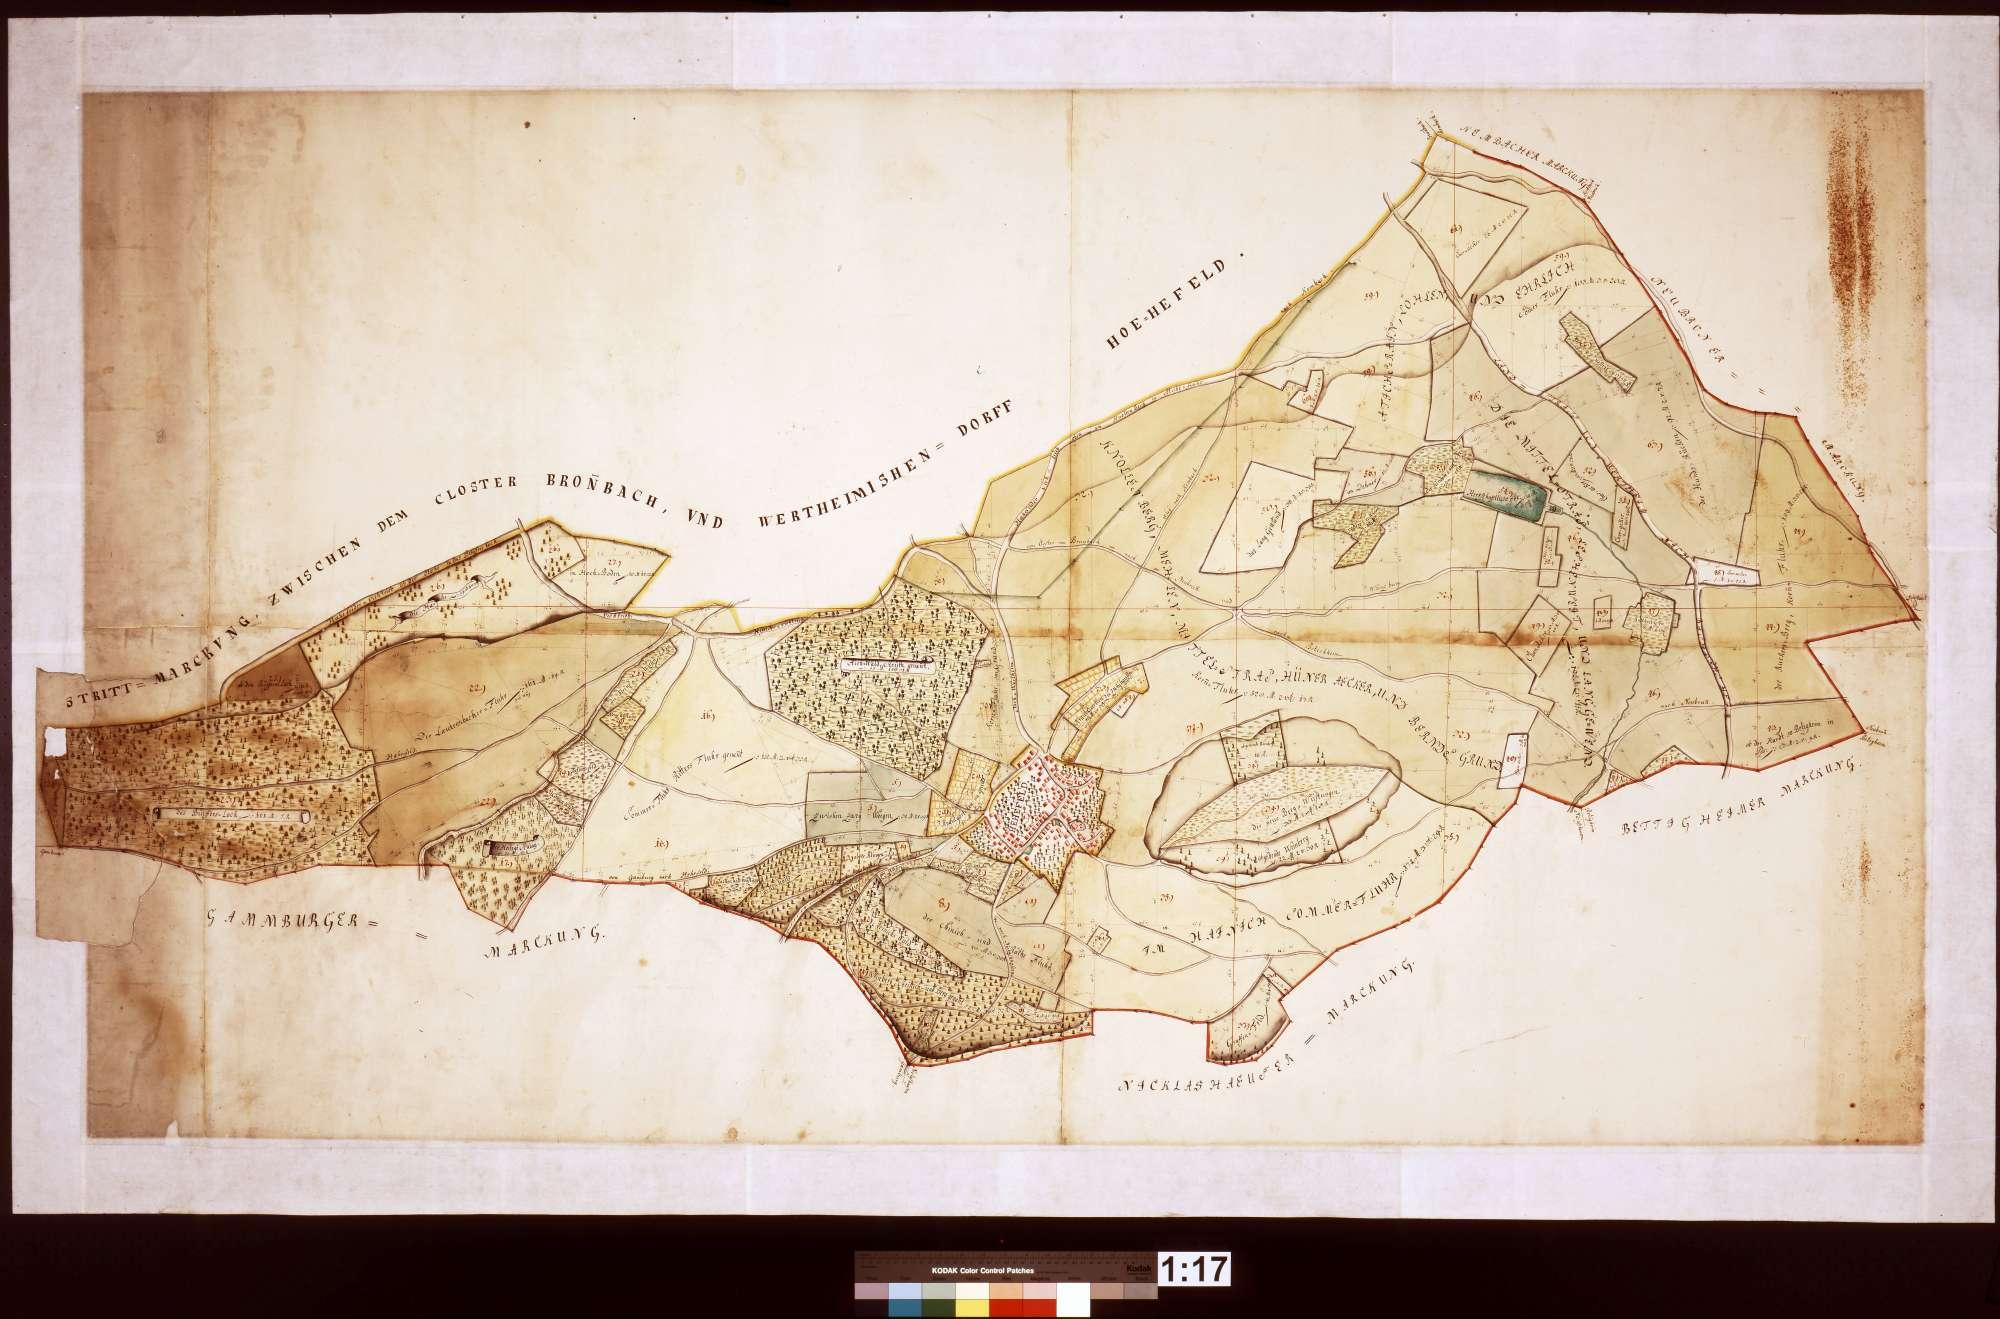 [Plan der Gemarkung Höhefeld], Bild 1